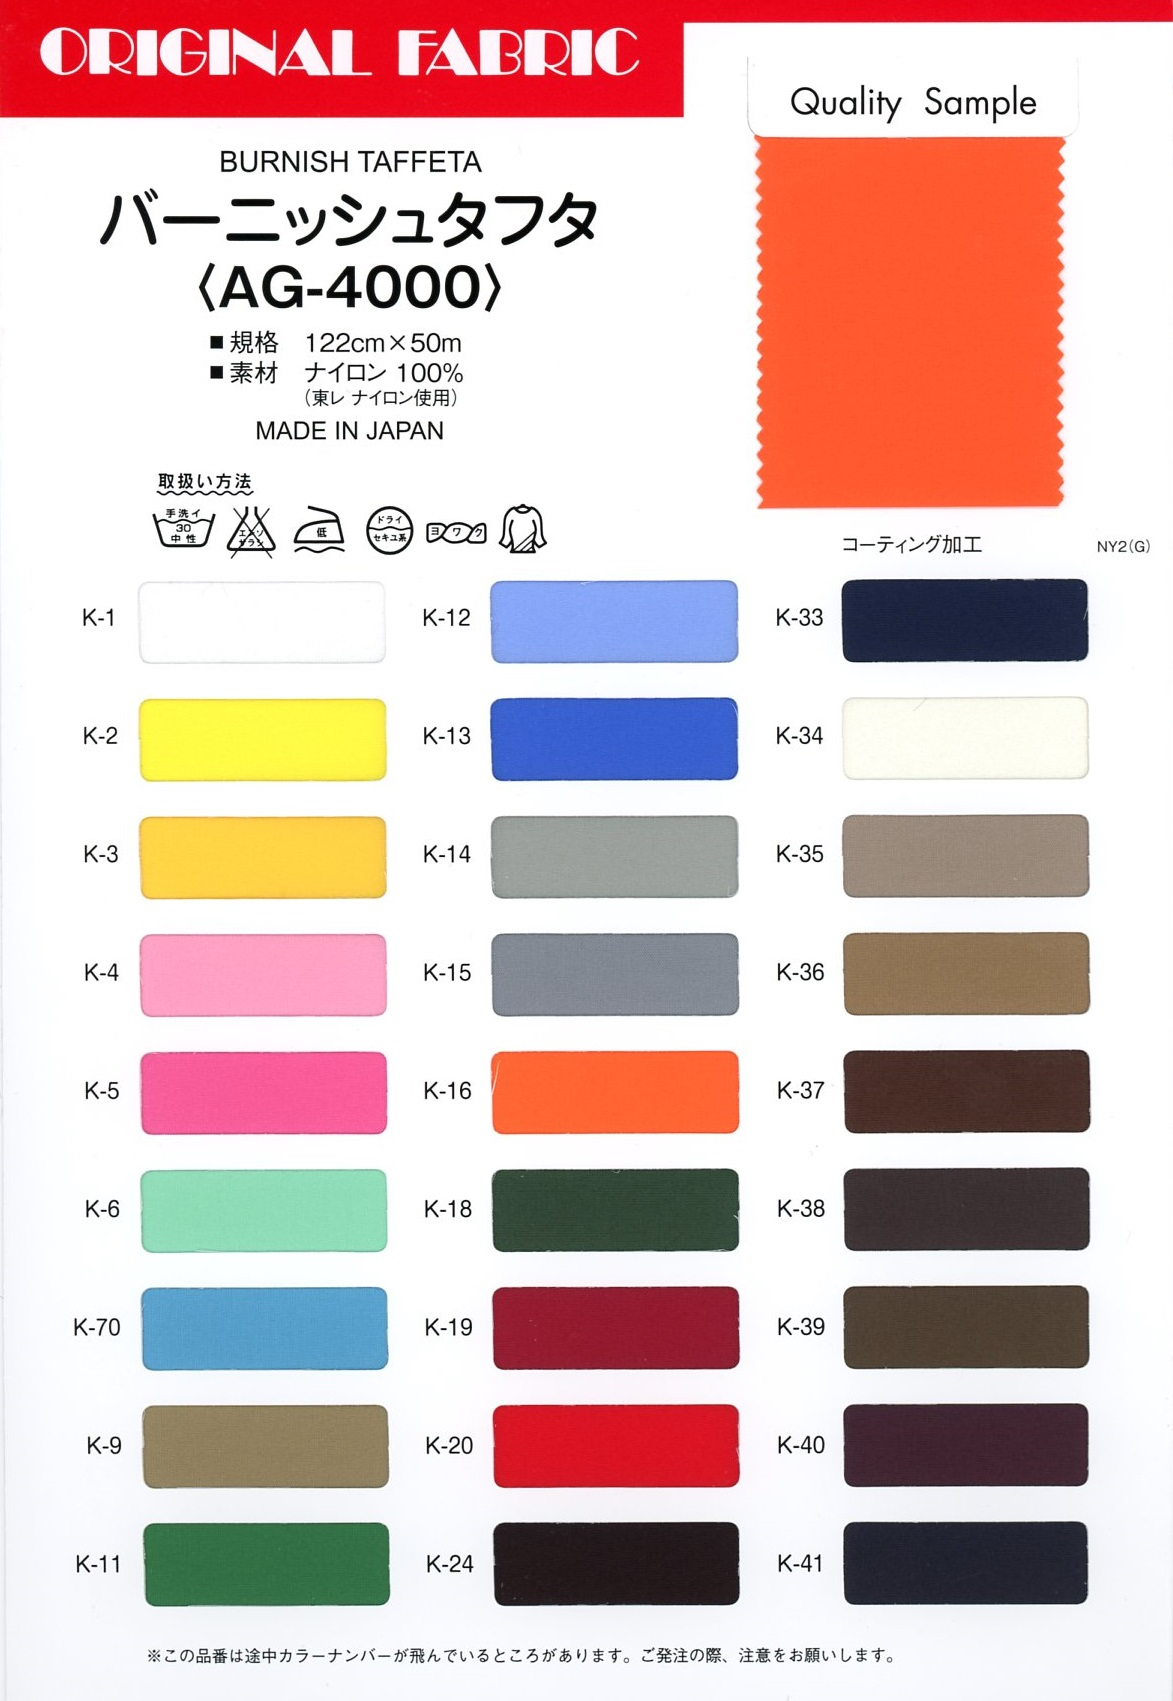 AG-4000 バーニッシュタフタ[生地] Masuda(マスダ)/オークラ商事 - ApparelX アパレル資材卸通販